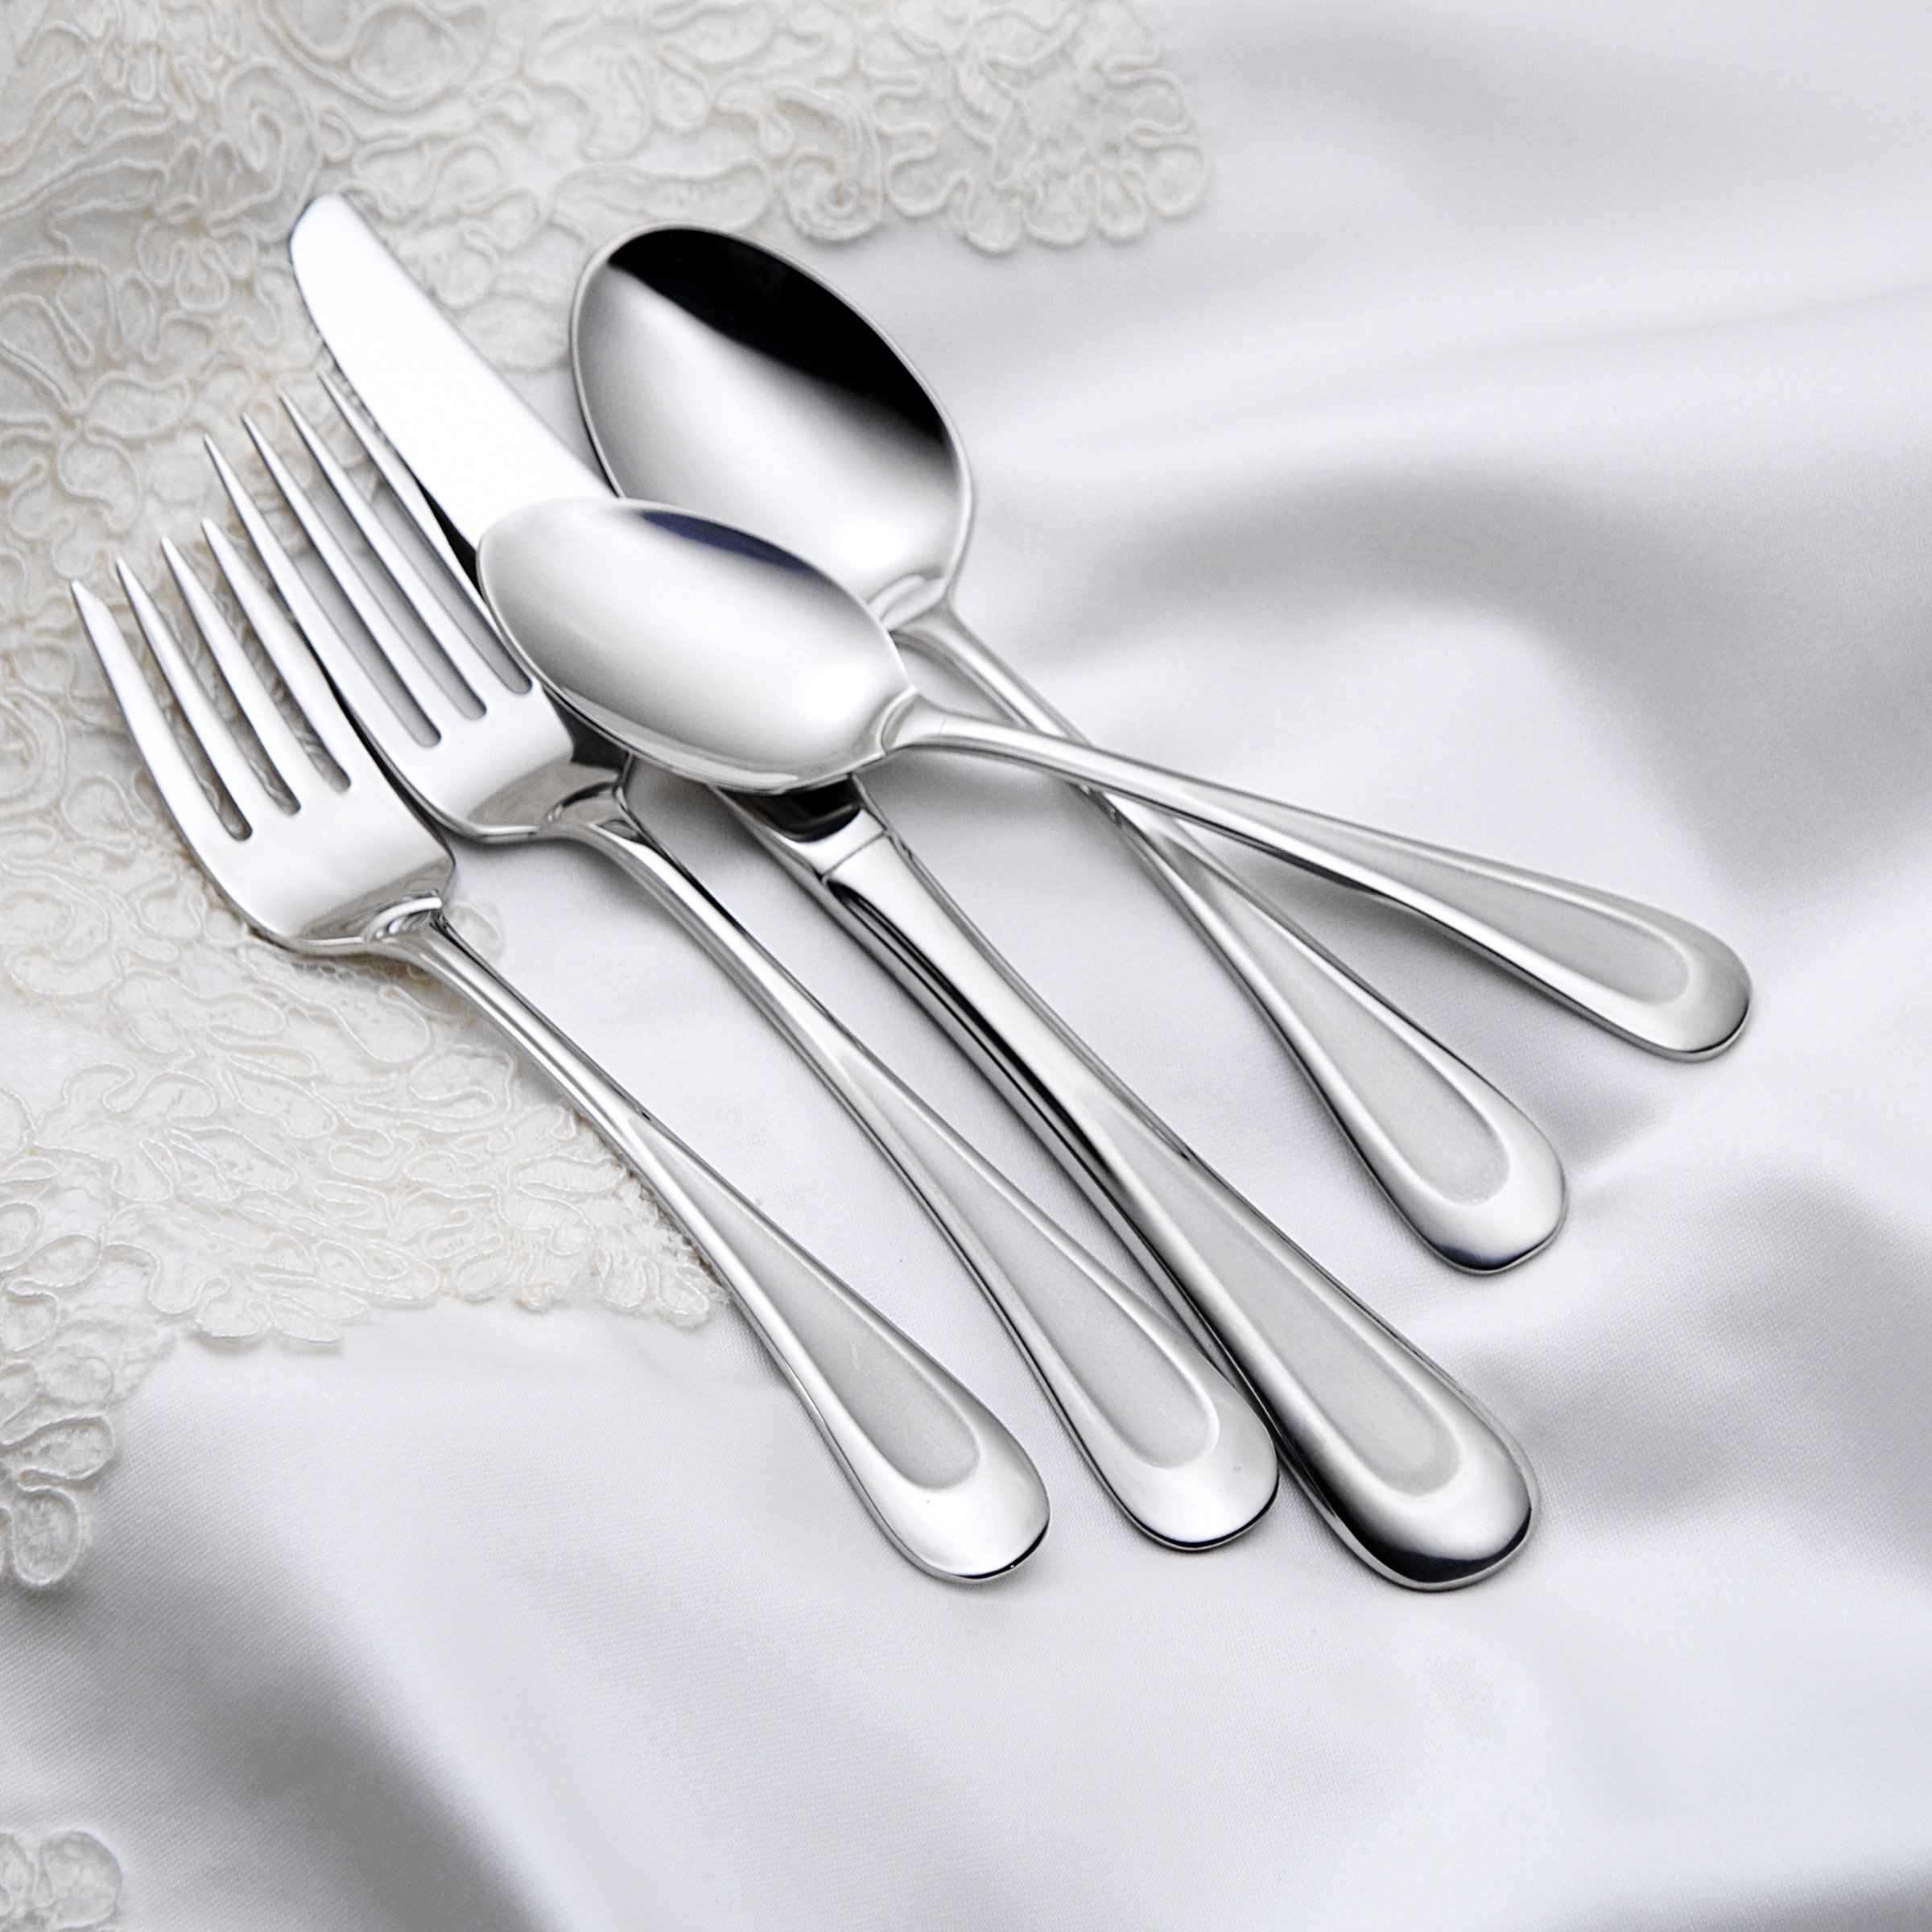 Oneida Satin Sand Dune Dinner Forks, Set of 4 by Oneida (Image #1)